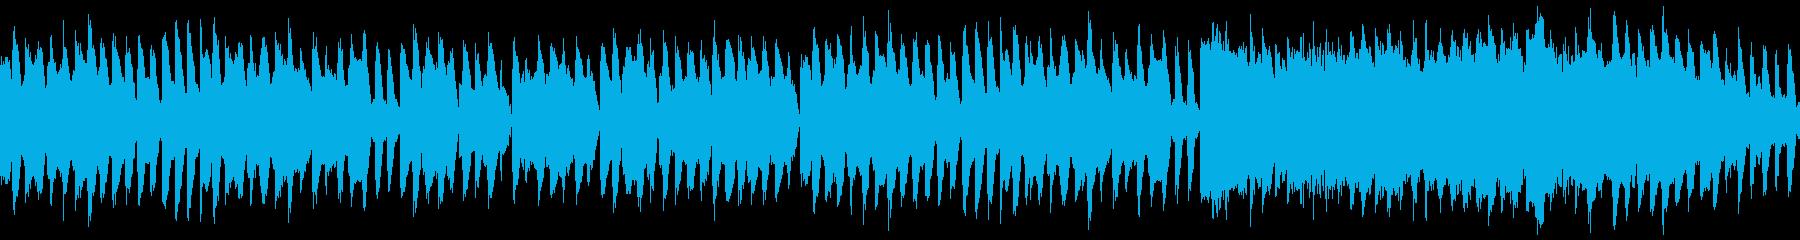 【便利】 木管楽器B おだやか 【定番】の再生済みの波形